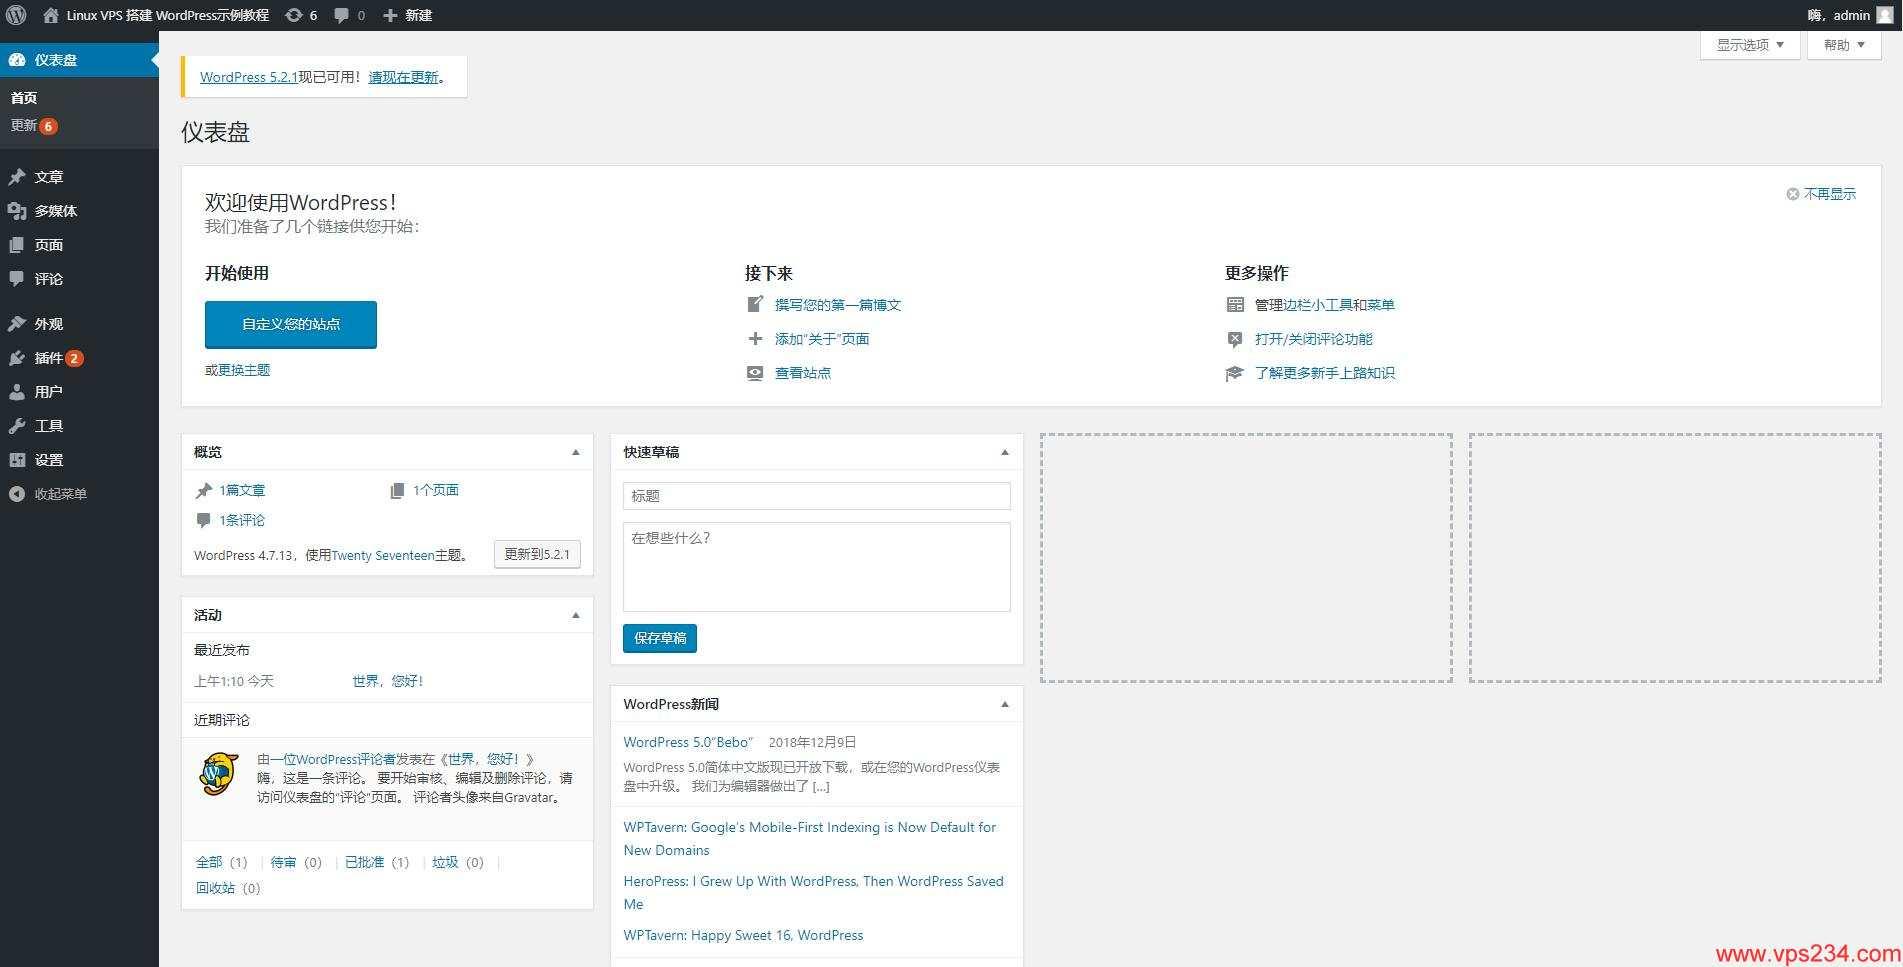 使用美国VPS Hostwinds 的 Linux VPS搭建WordPress网站 - Linux VPS 安装WordPress步骤6 - 后台登录管理